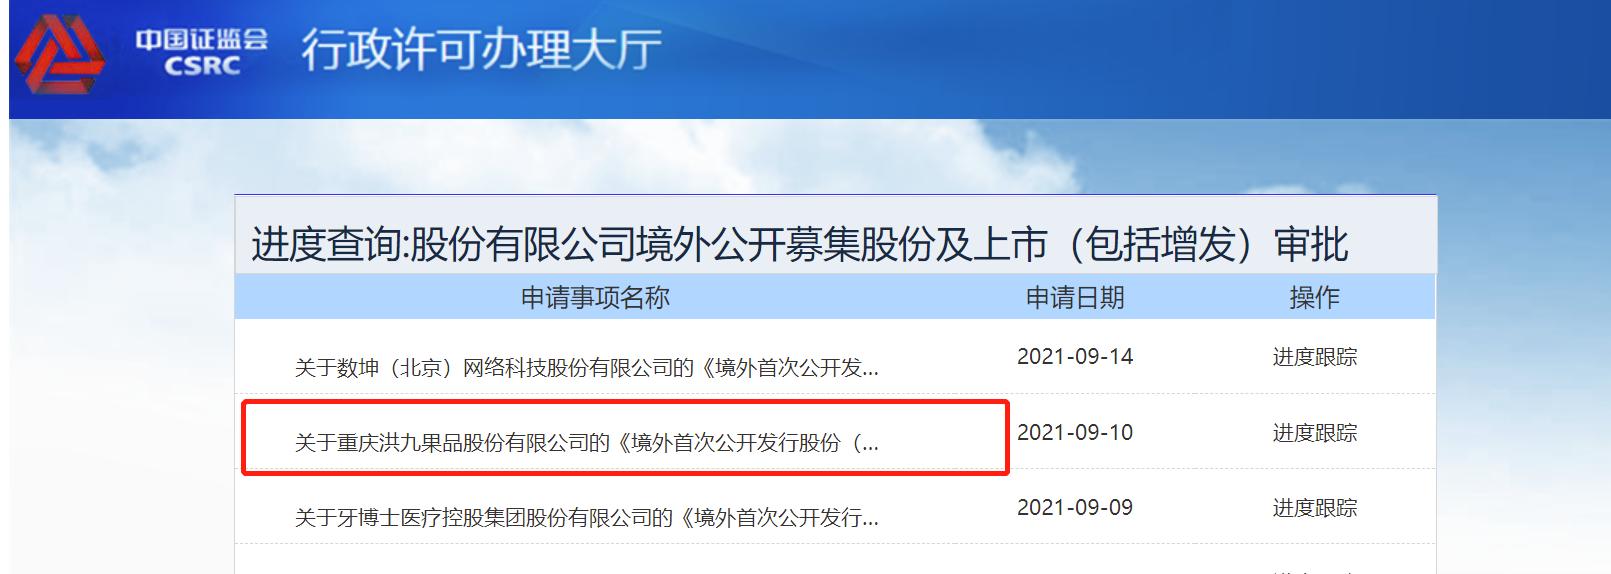 阿里等机构持股的洪九果品拟香港IPO 老板靠一根扁担白手起家